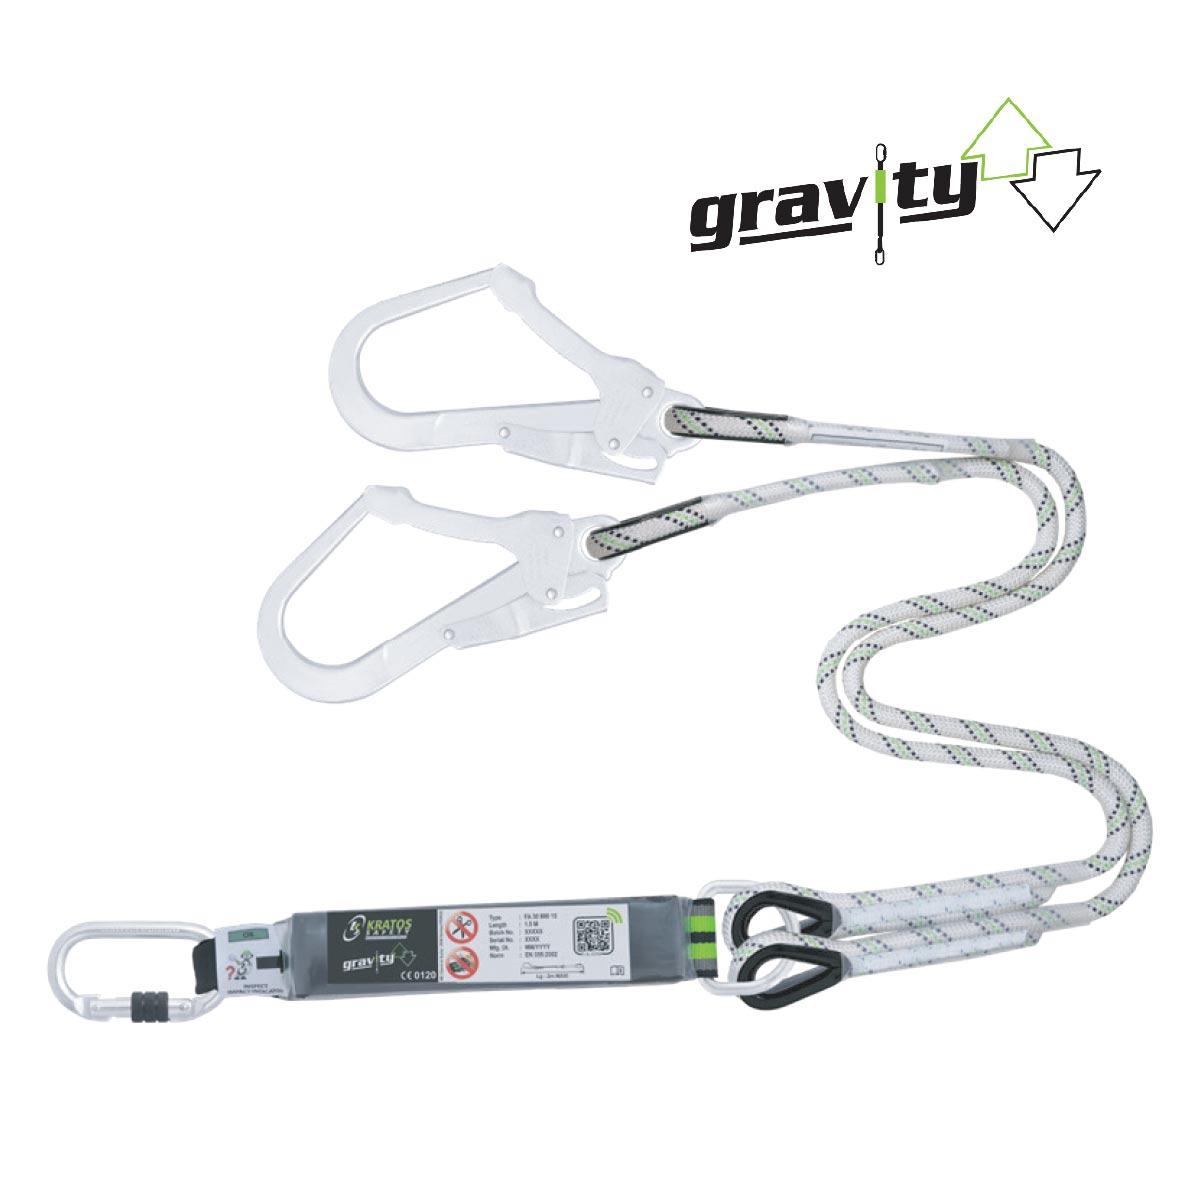 Uže-Gravity-FA3060015